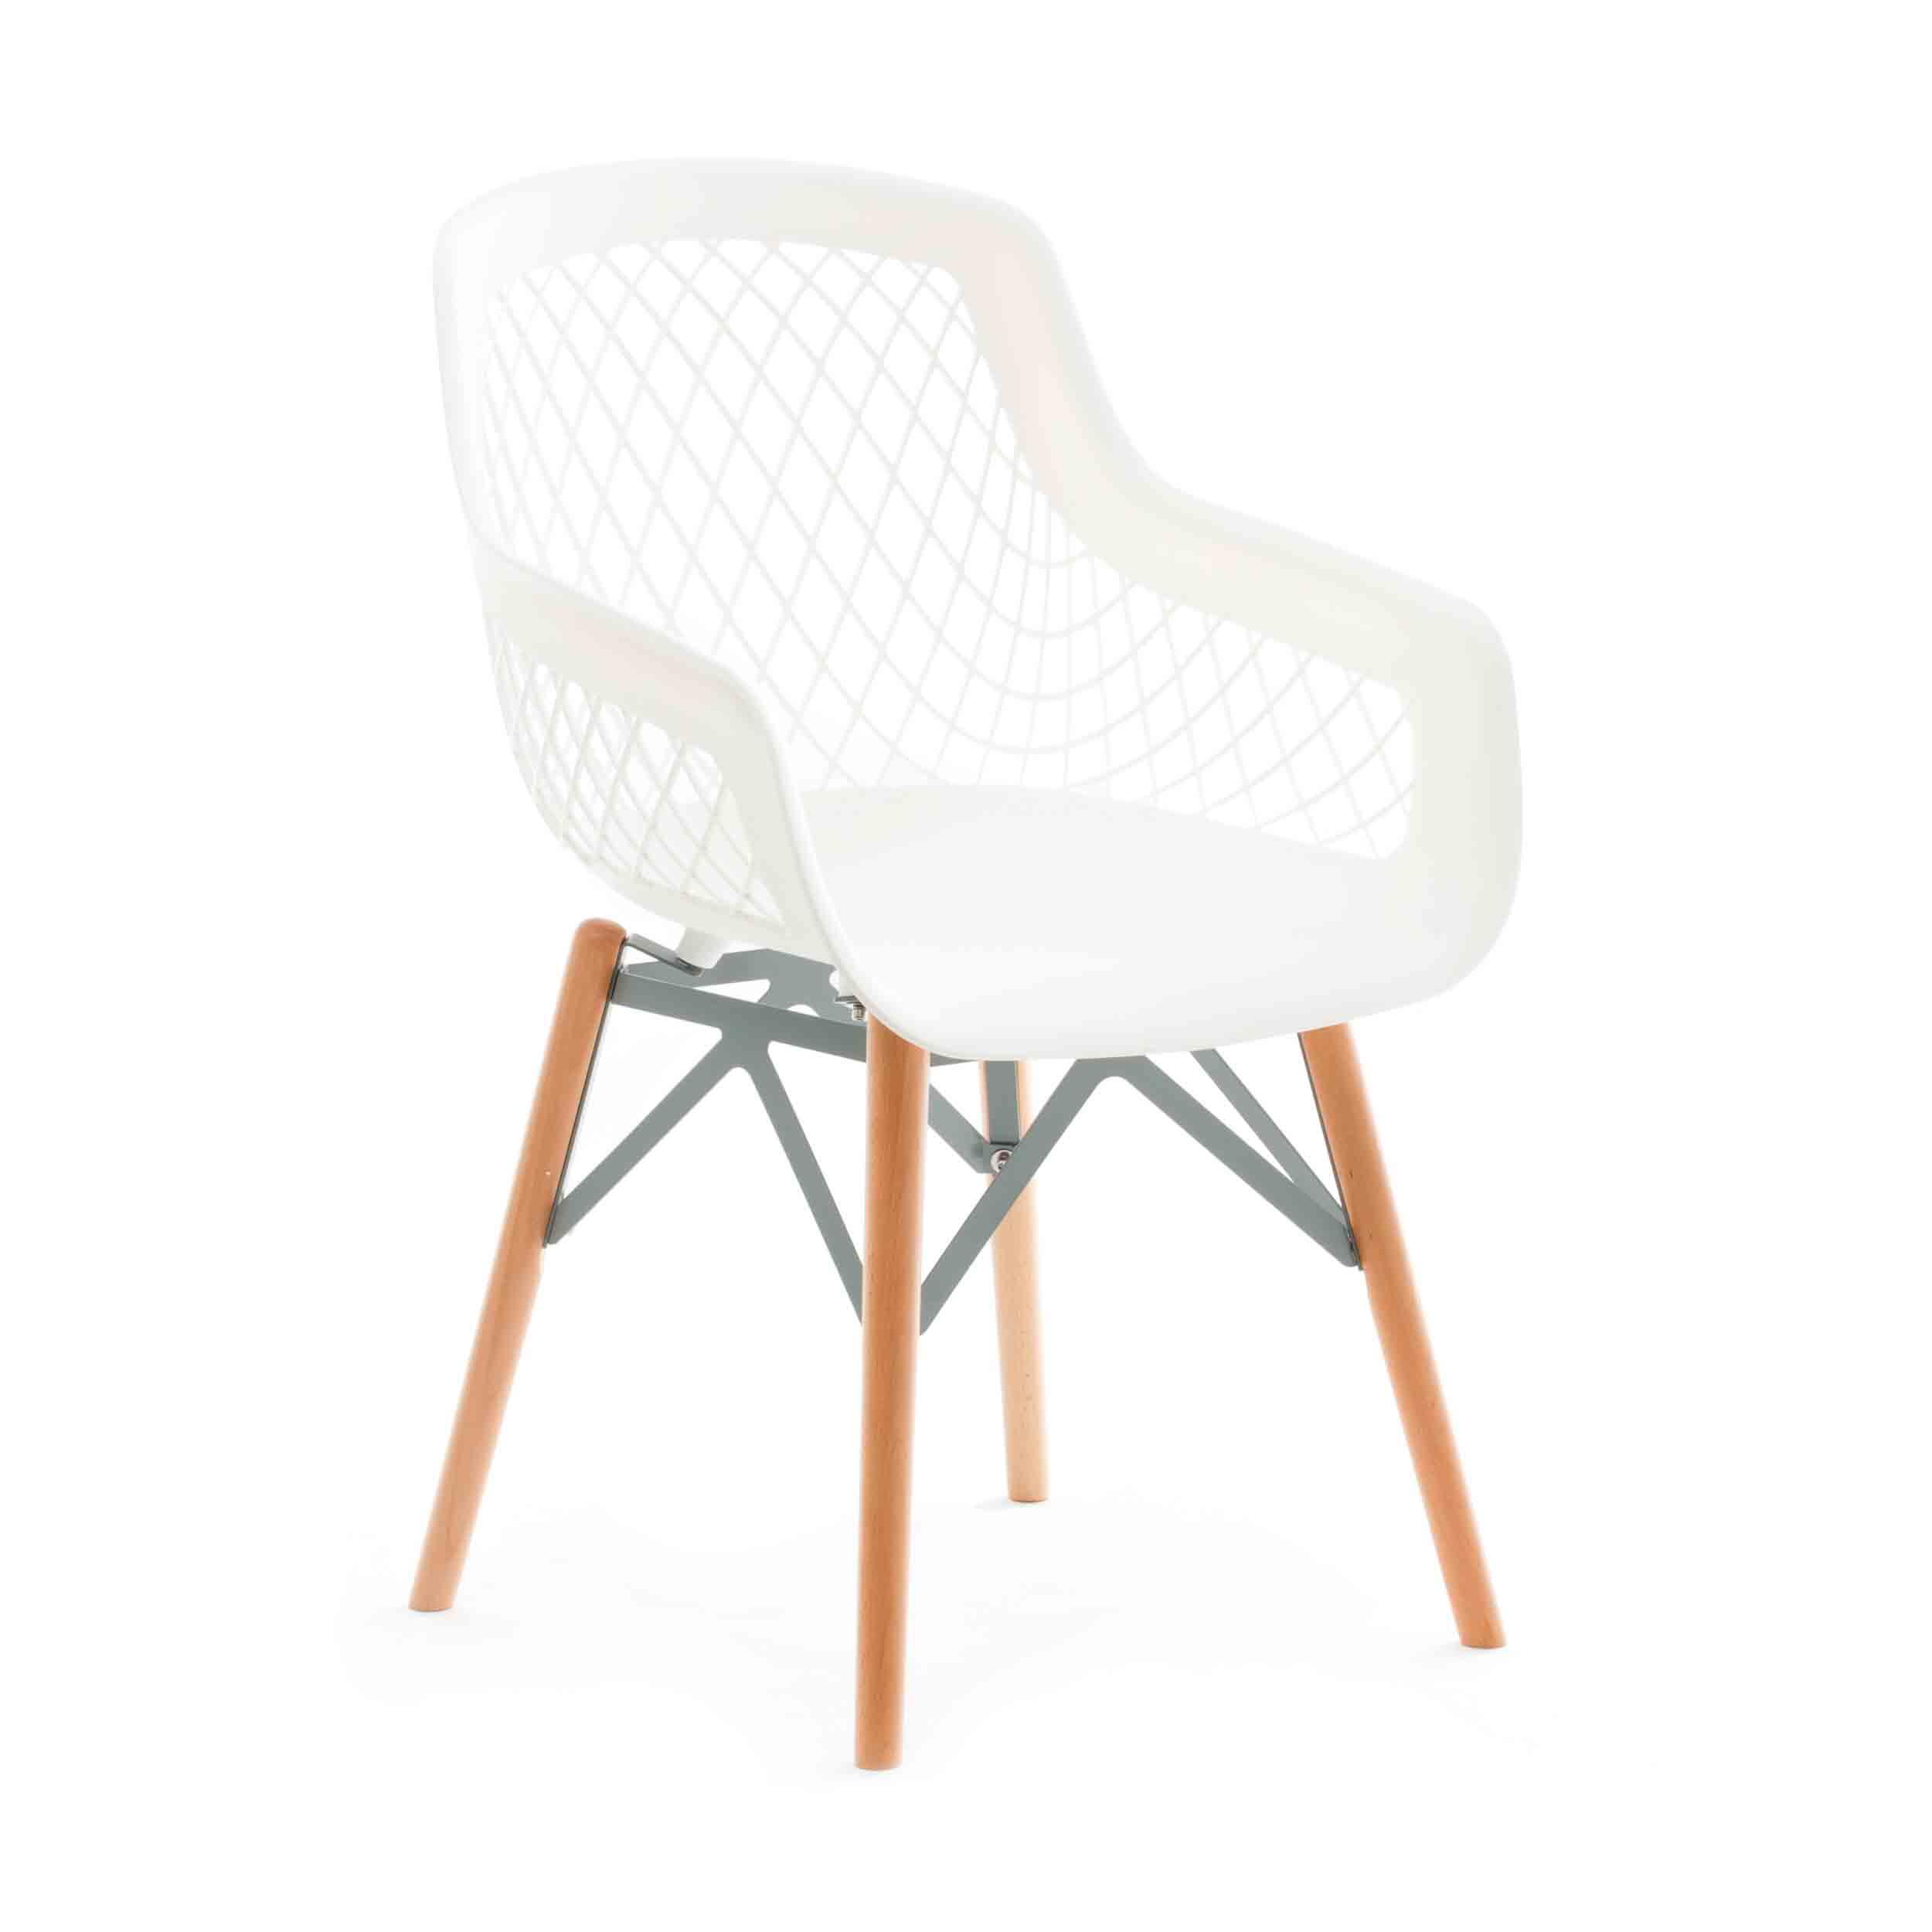 Witte kunststof eetkamerstoelen kopen stoelen for Witte kunstof eetkamerstoelen